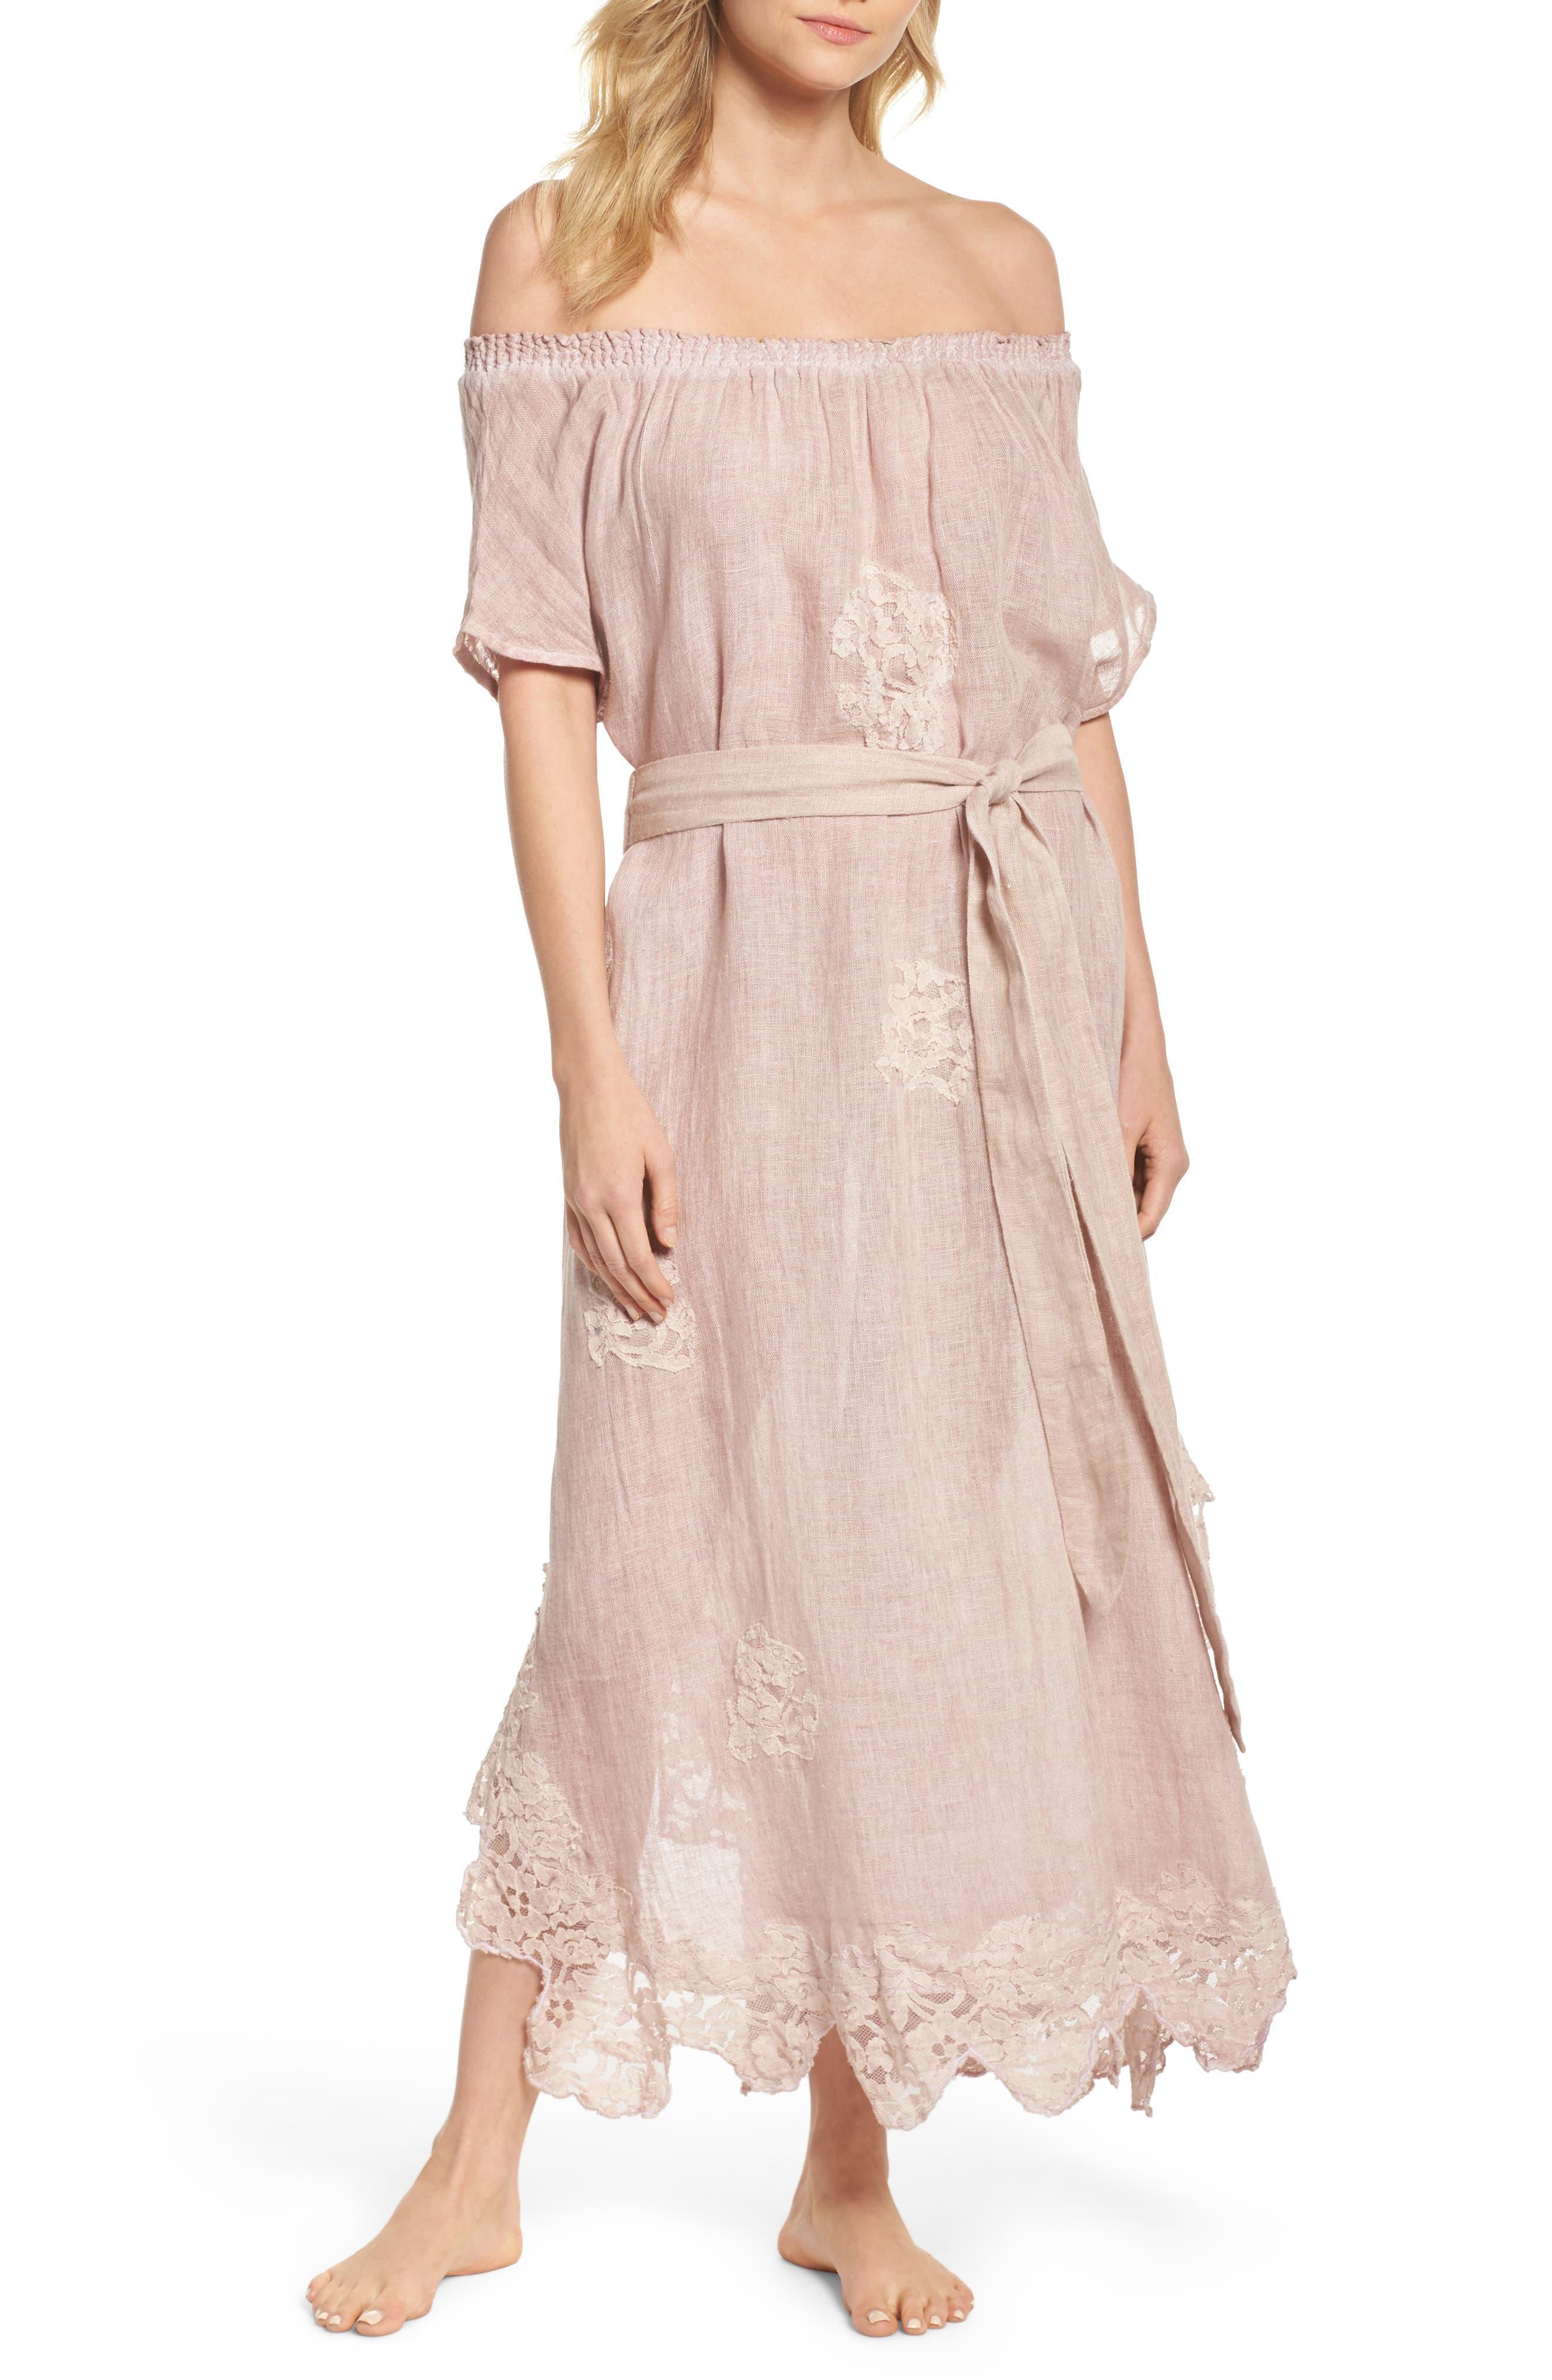 Alternate Image 1 Selected - Muche et Muchette Daisy Linen Cover-Up Dress